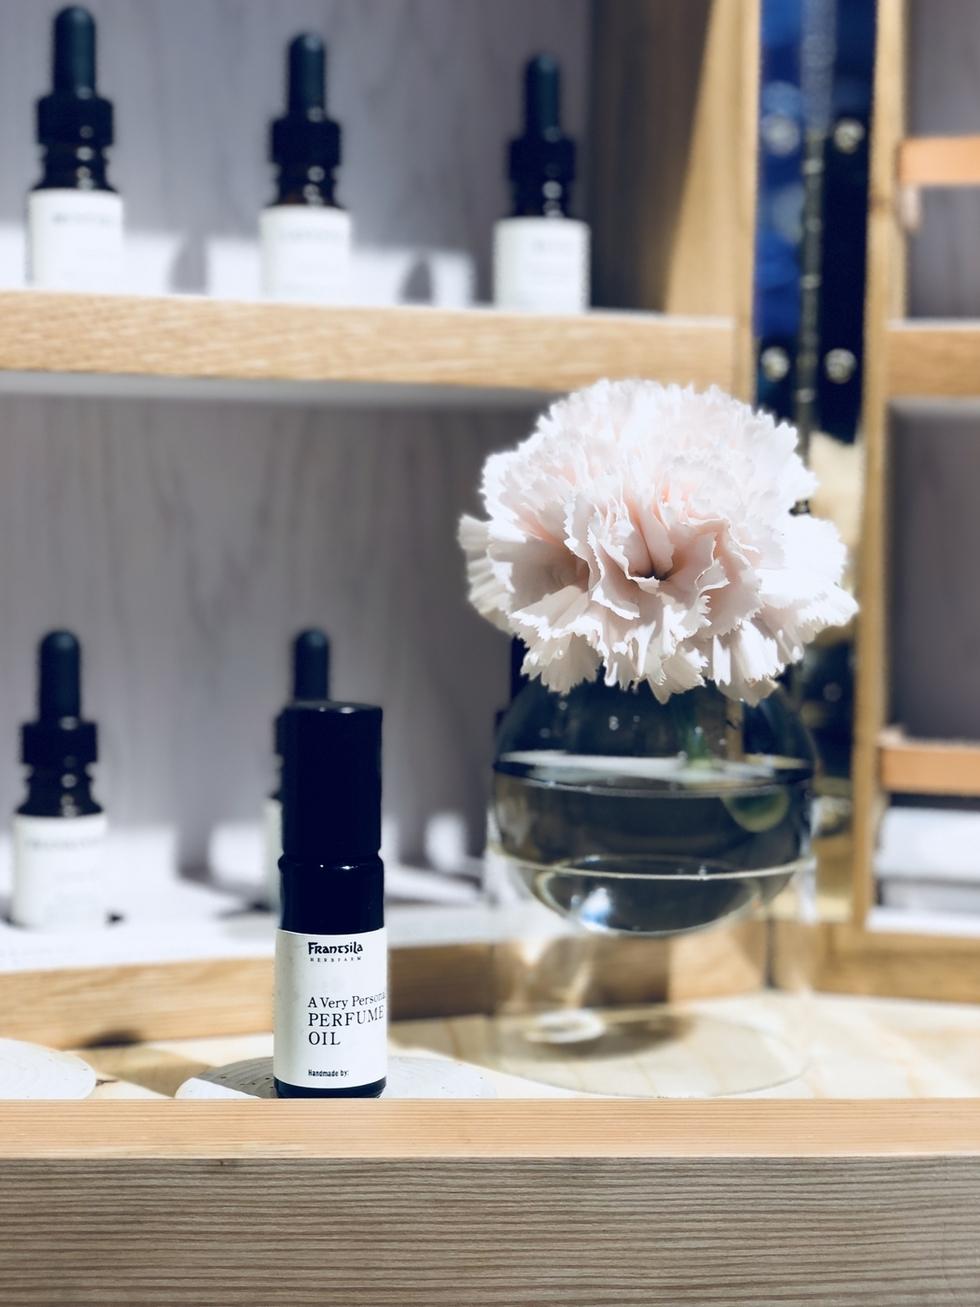 frantsila tuoksu